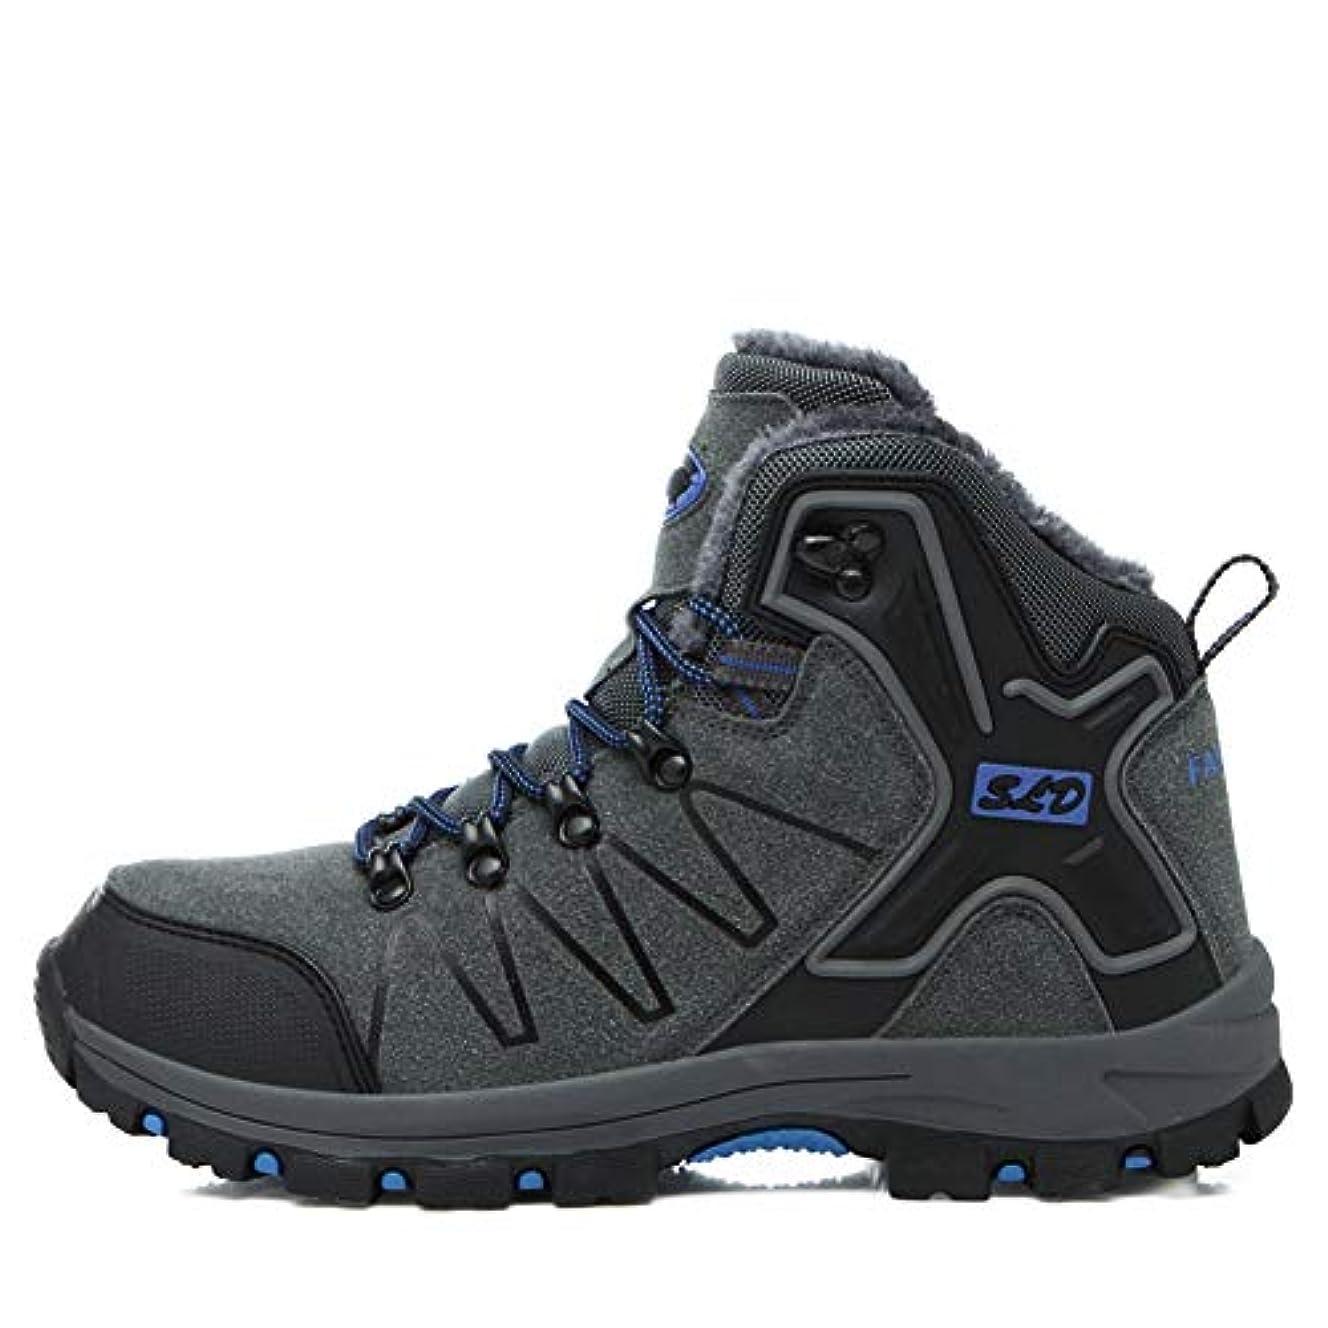 モチーフヘッドレス事[TcIFE] トレッキングシューズ メンズ 防水 防滑 ハイカット 登山靴 大きいサイズ ハイキングシューズ メンズ 耐磨耗 ハイキングシューズ メンズ 通気性 スニーカー